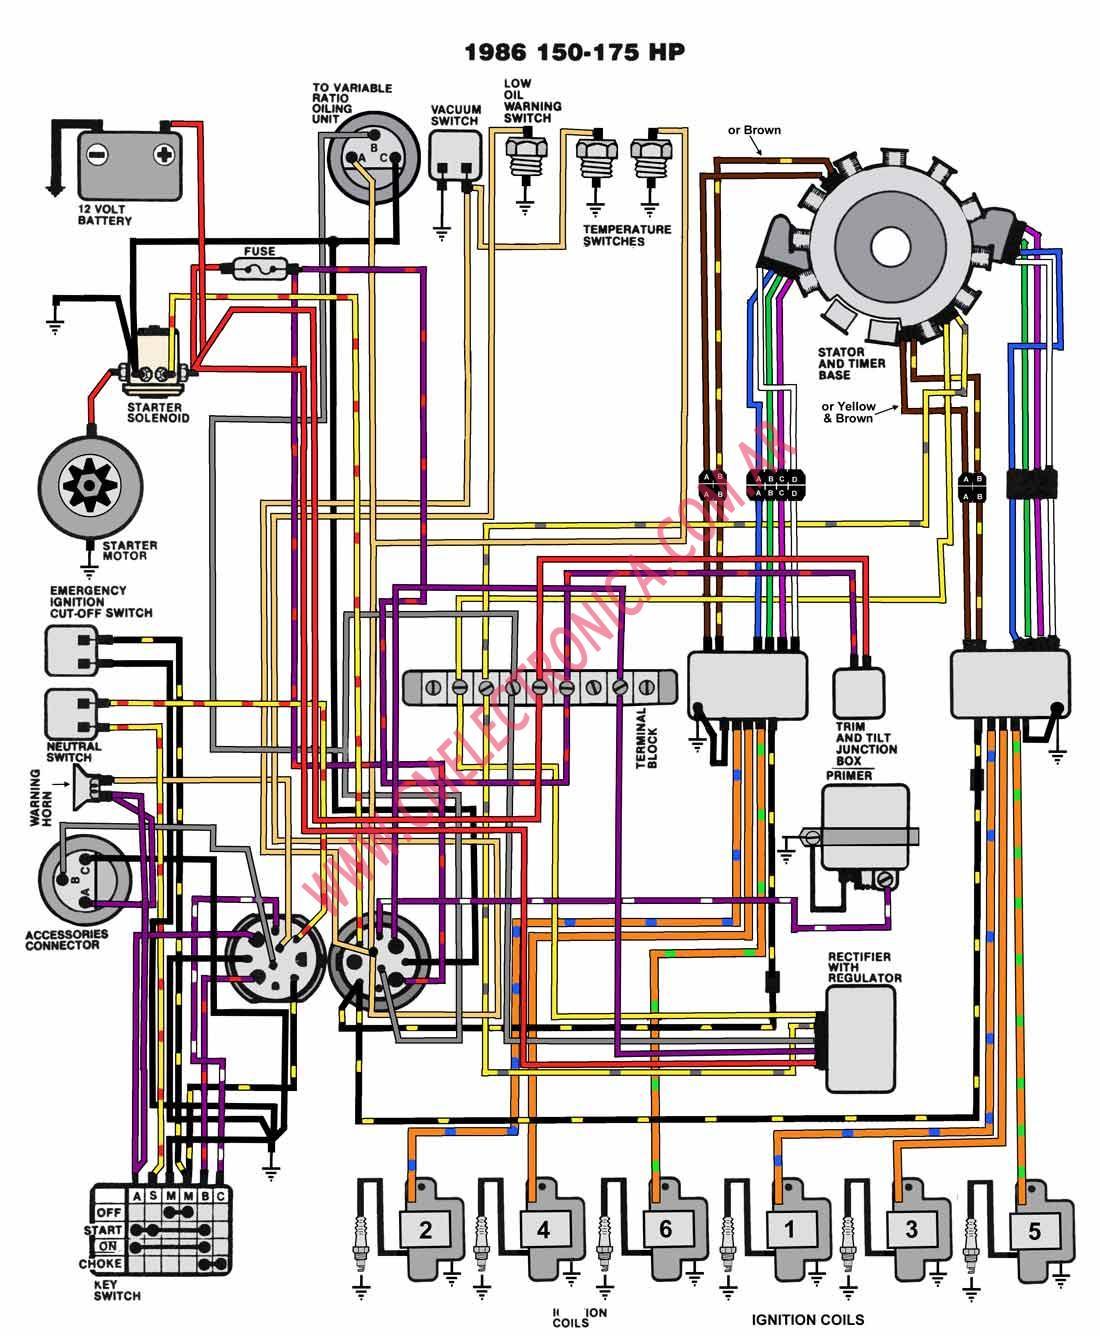 Diagrama Evinrude Johnson 1986 150 175